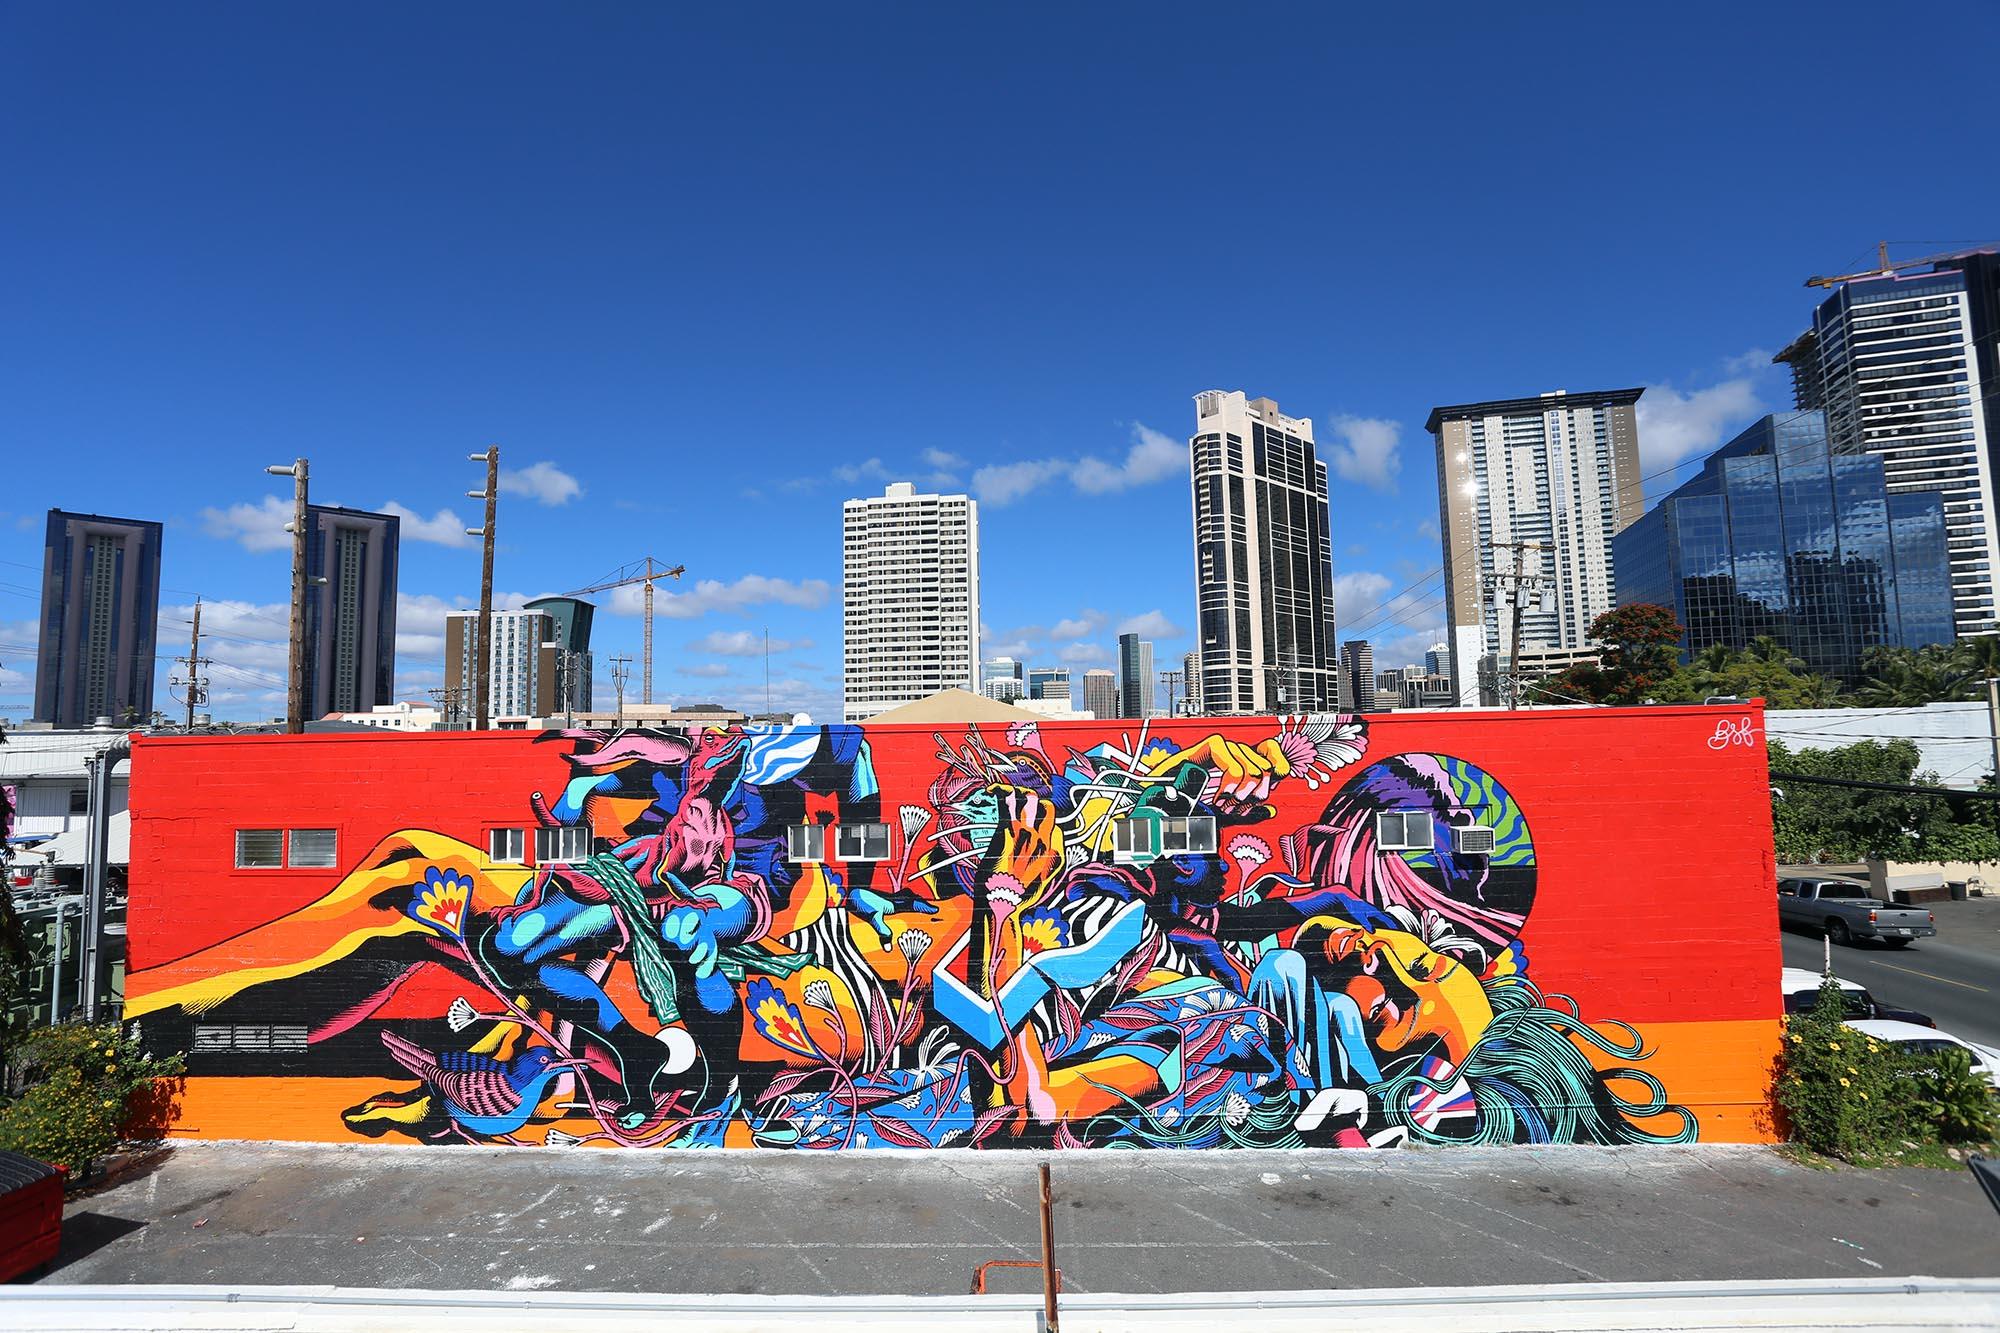 bicicleta sem freio-pow wow festival-mural-grafite-dionisio-arte (4)